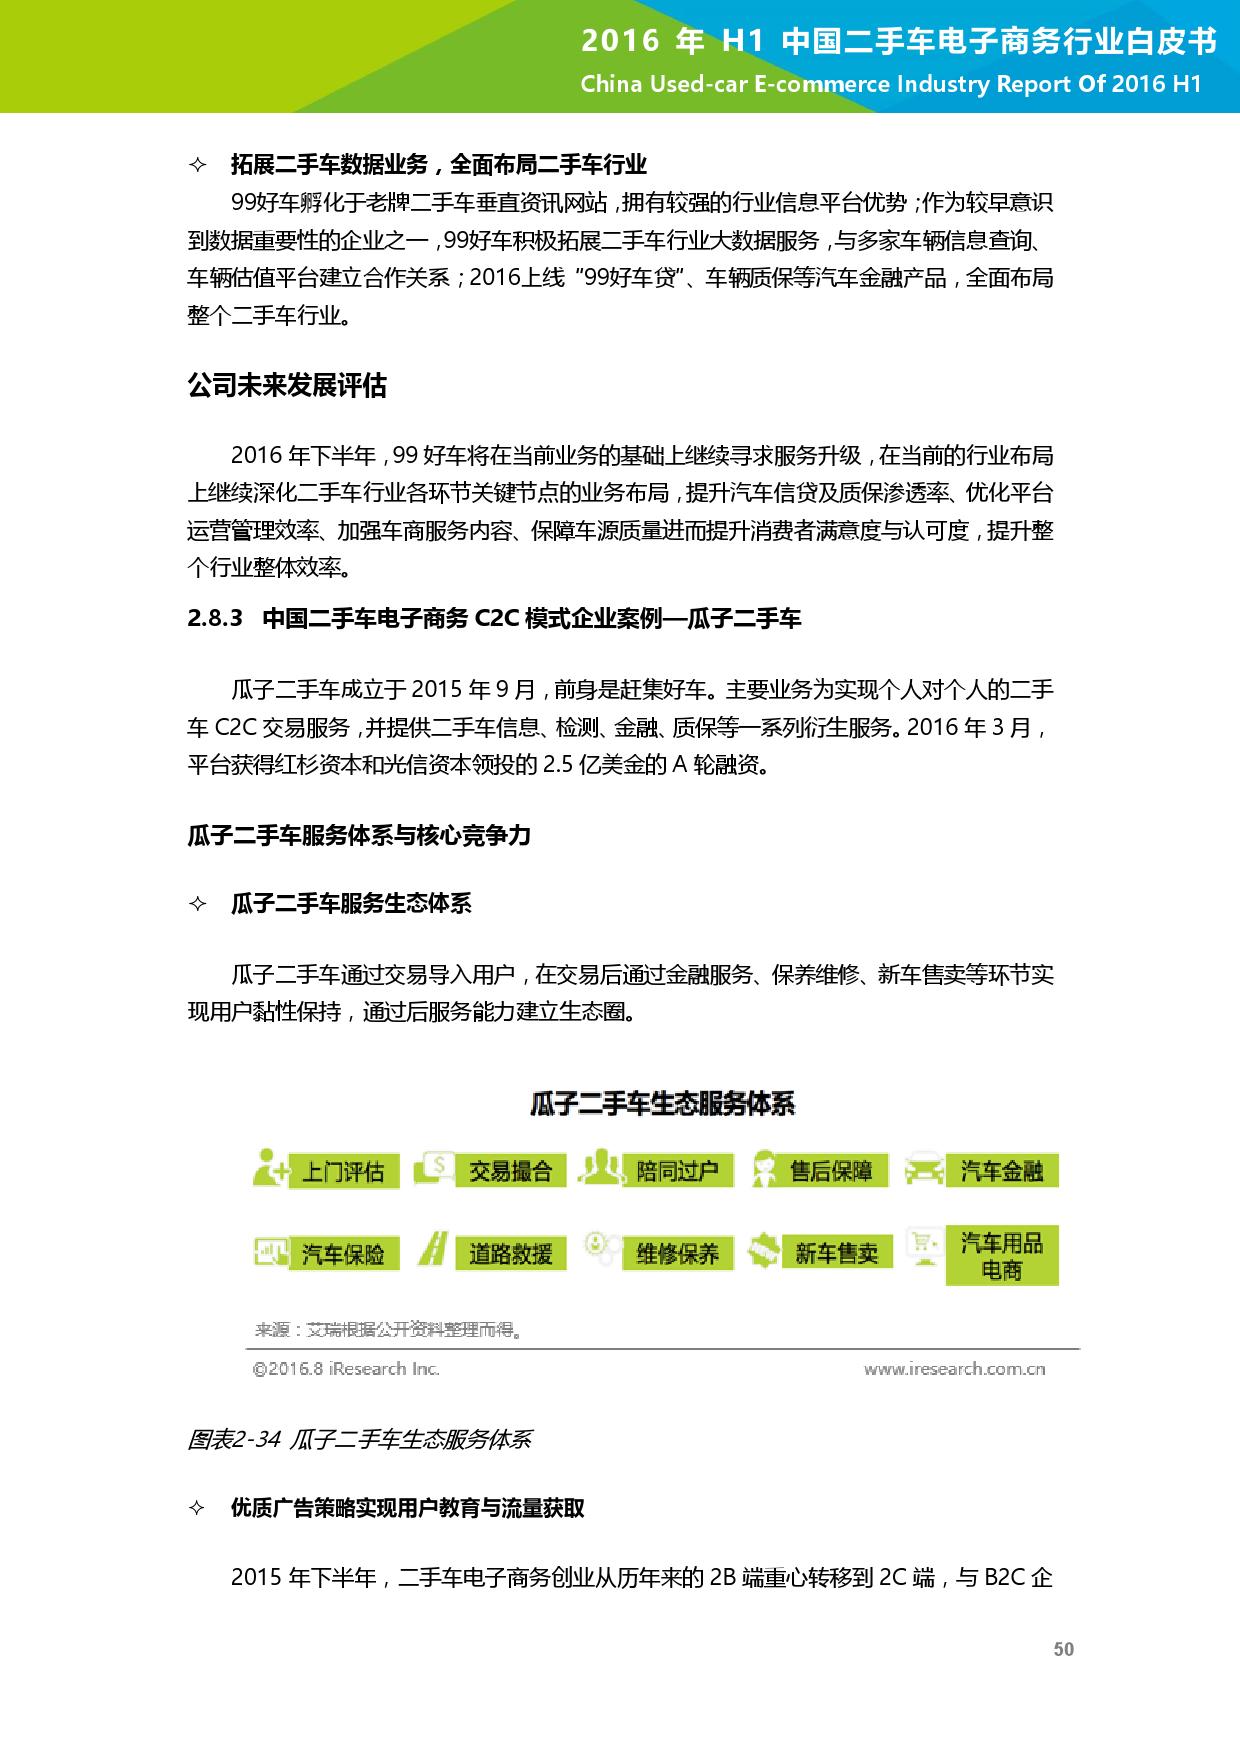 2016年H1中国二手车电子商务行业白皮书_000051